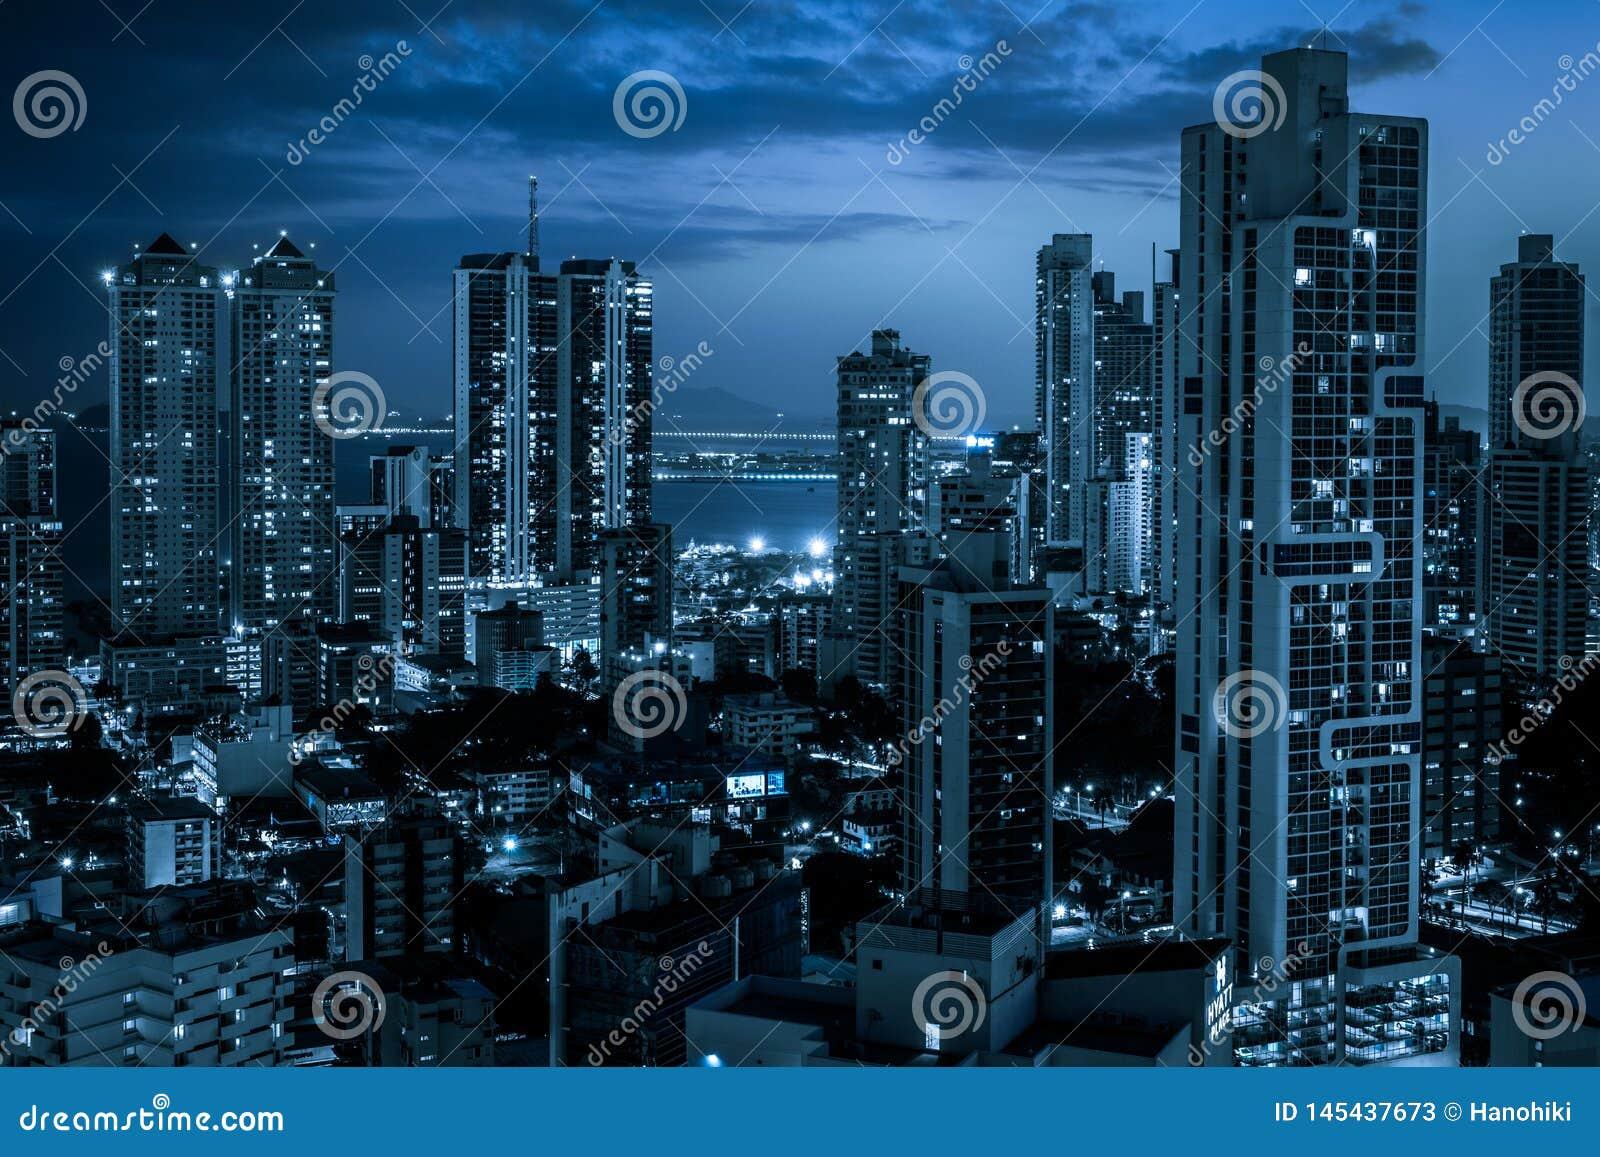 Moderne Stadtskyline nachts - Wolkenkratzerstadtbild